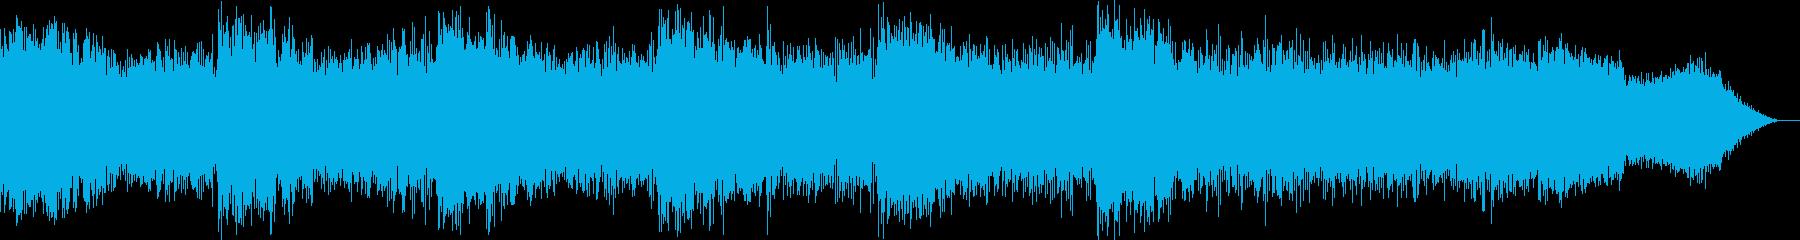 【シンセサイザー】 SFX 環境音 16の再生済みの波形